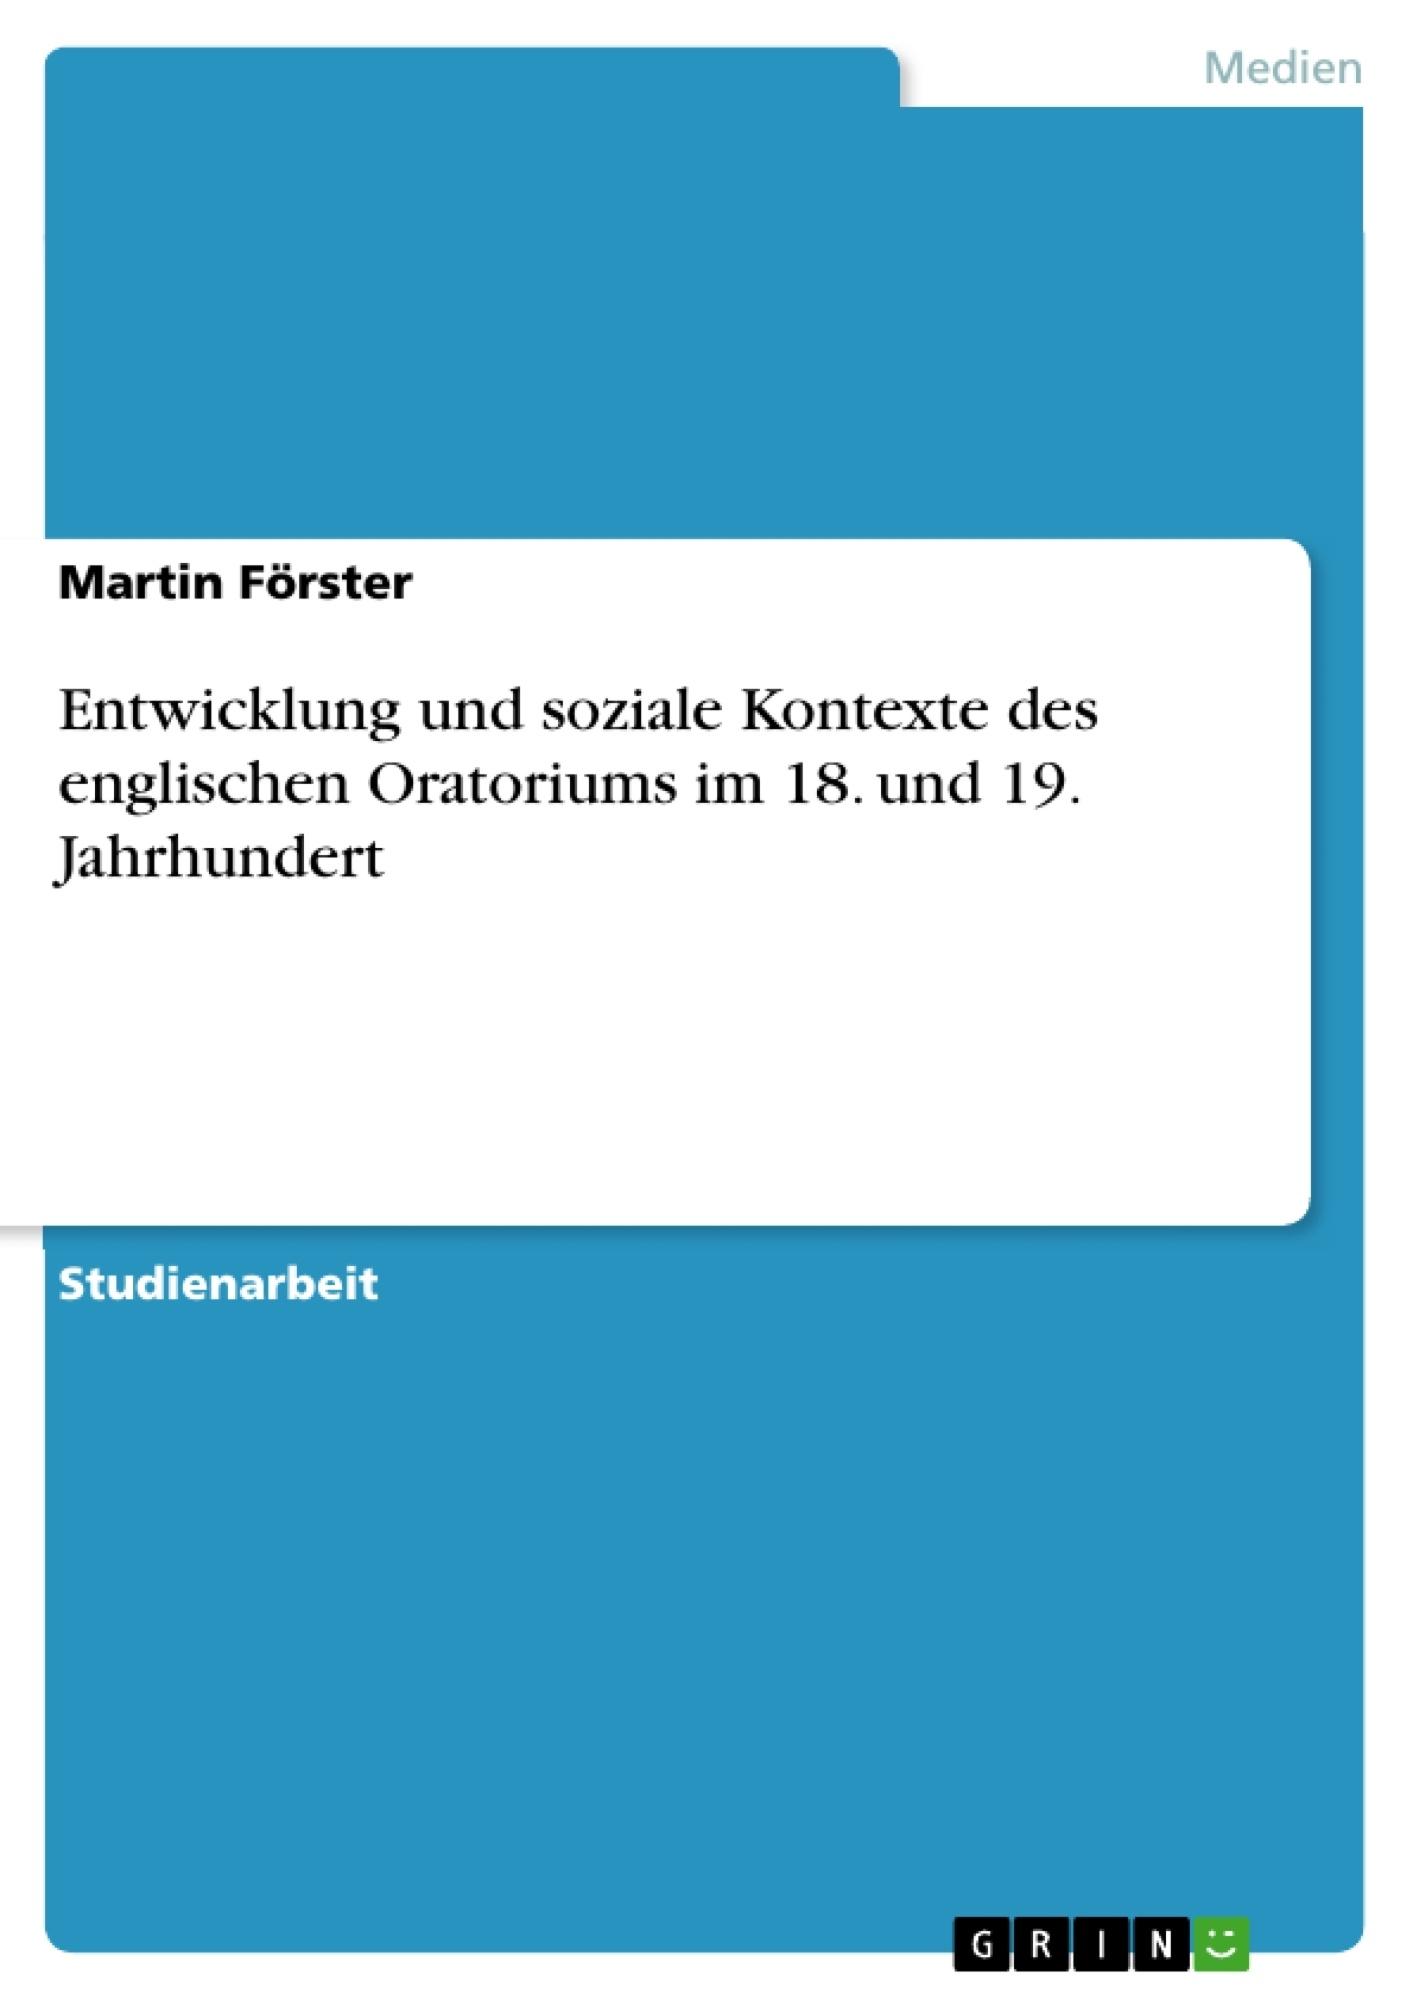 Titel: Entwicklung und soziale Kontexte des englischen Oratoriums im 18. und 19. Jahrhundert